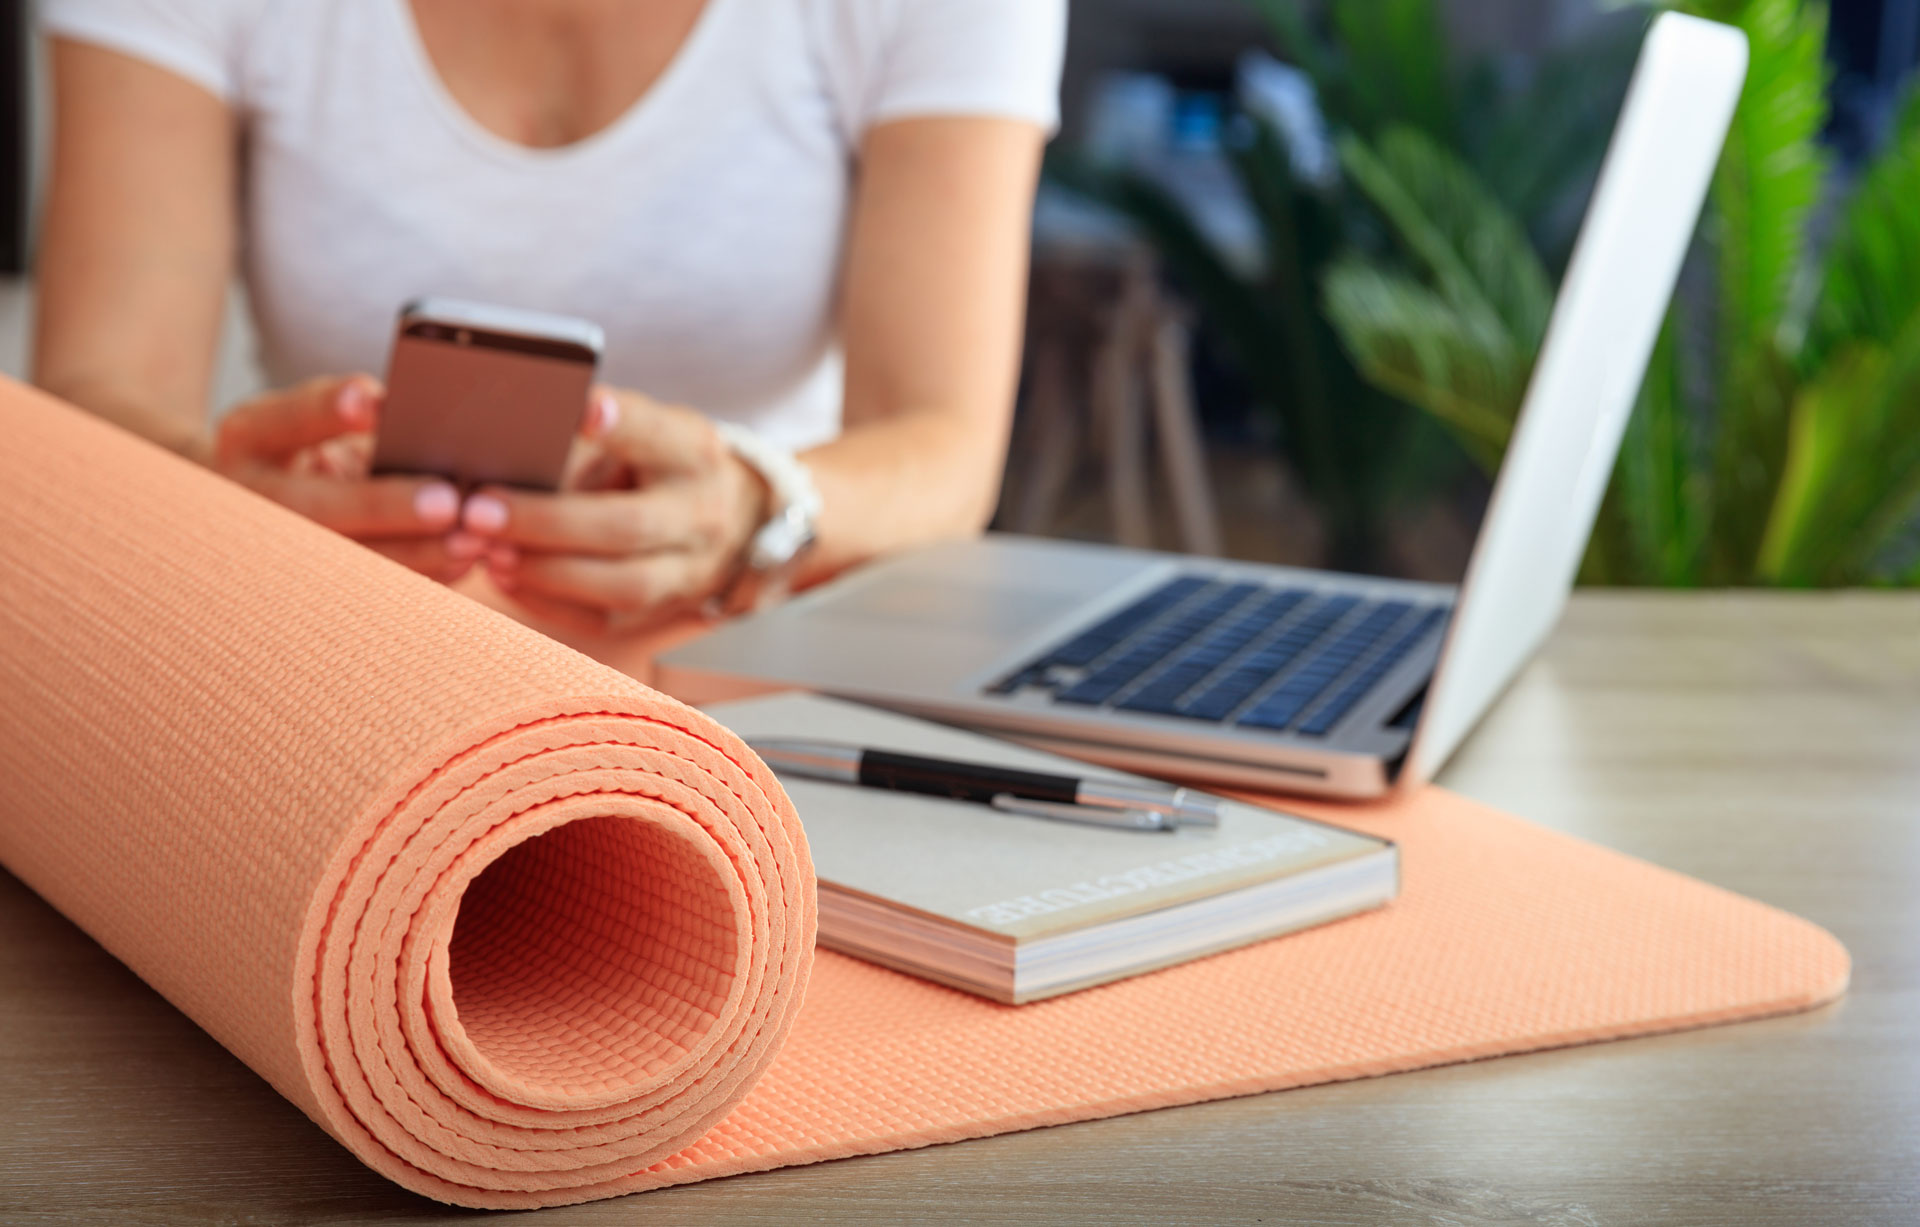 agile BGF » betriebliche Gesundheitsförderung » arbeitende Person mit Laptop, Handy, Block und Stift sowie Fitnessmatte auf dem Tisch